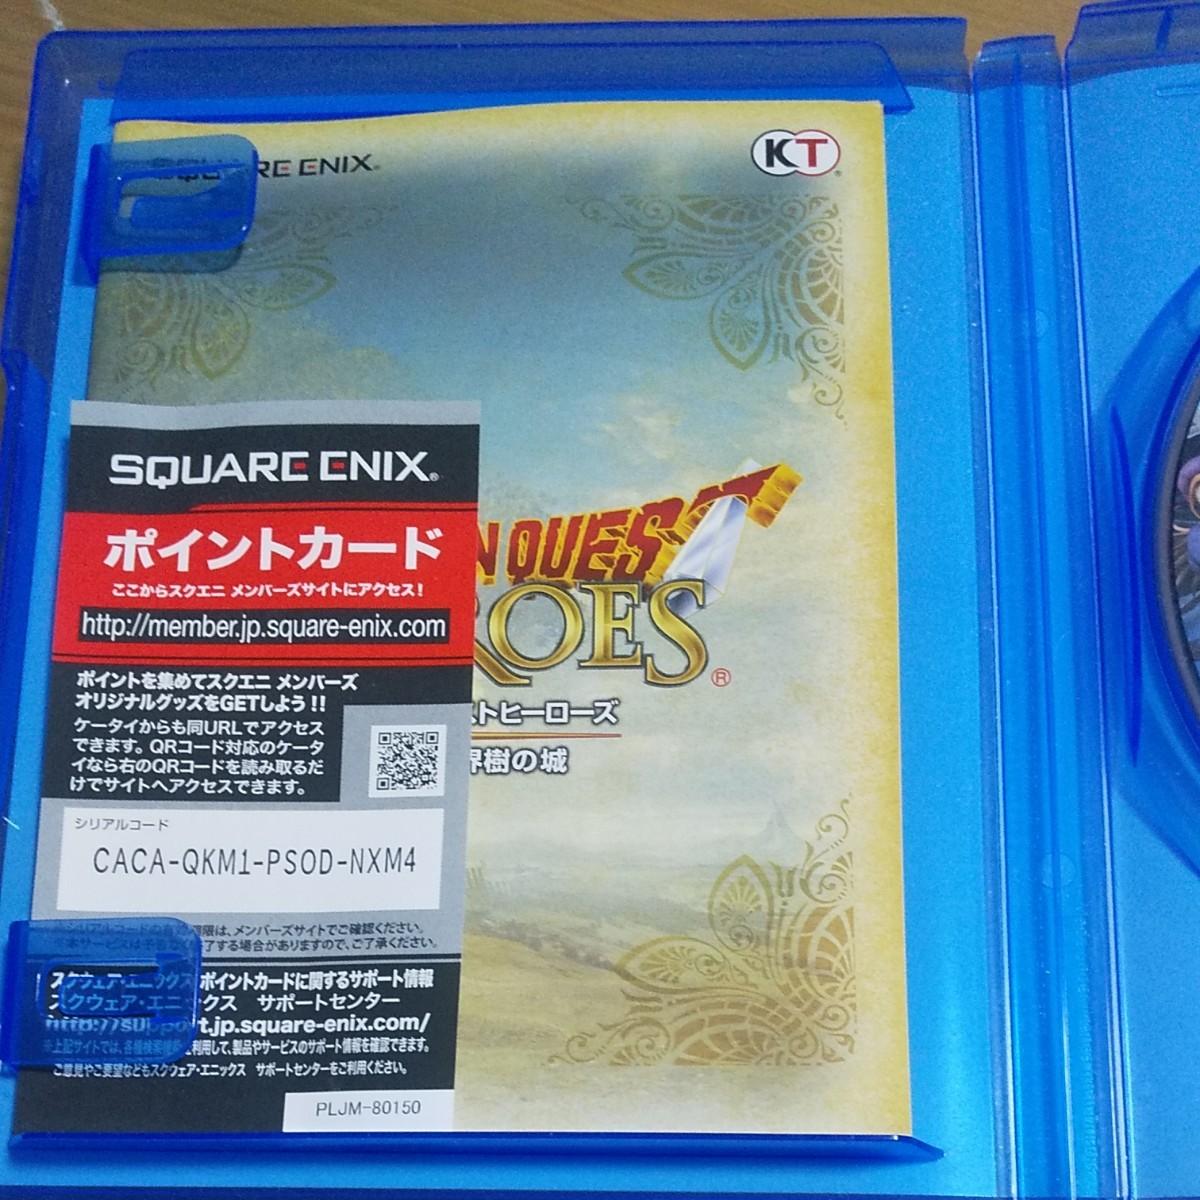 【PS4】 ドラゴンクエストヒーローズ 闇竜と世界樹の城 [アルティメット ヒッツ]